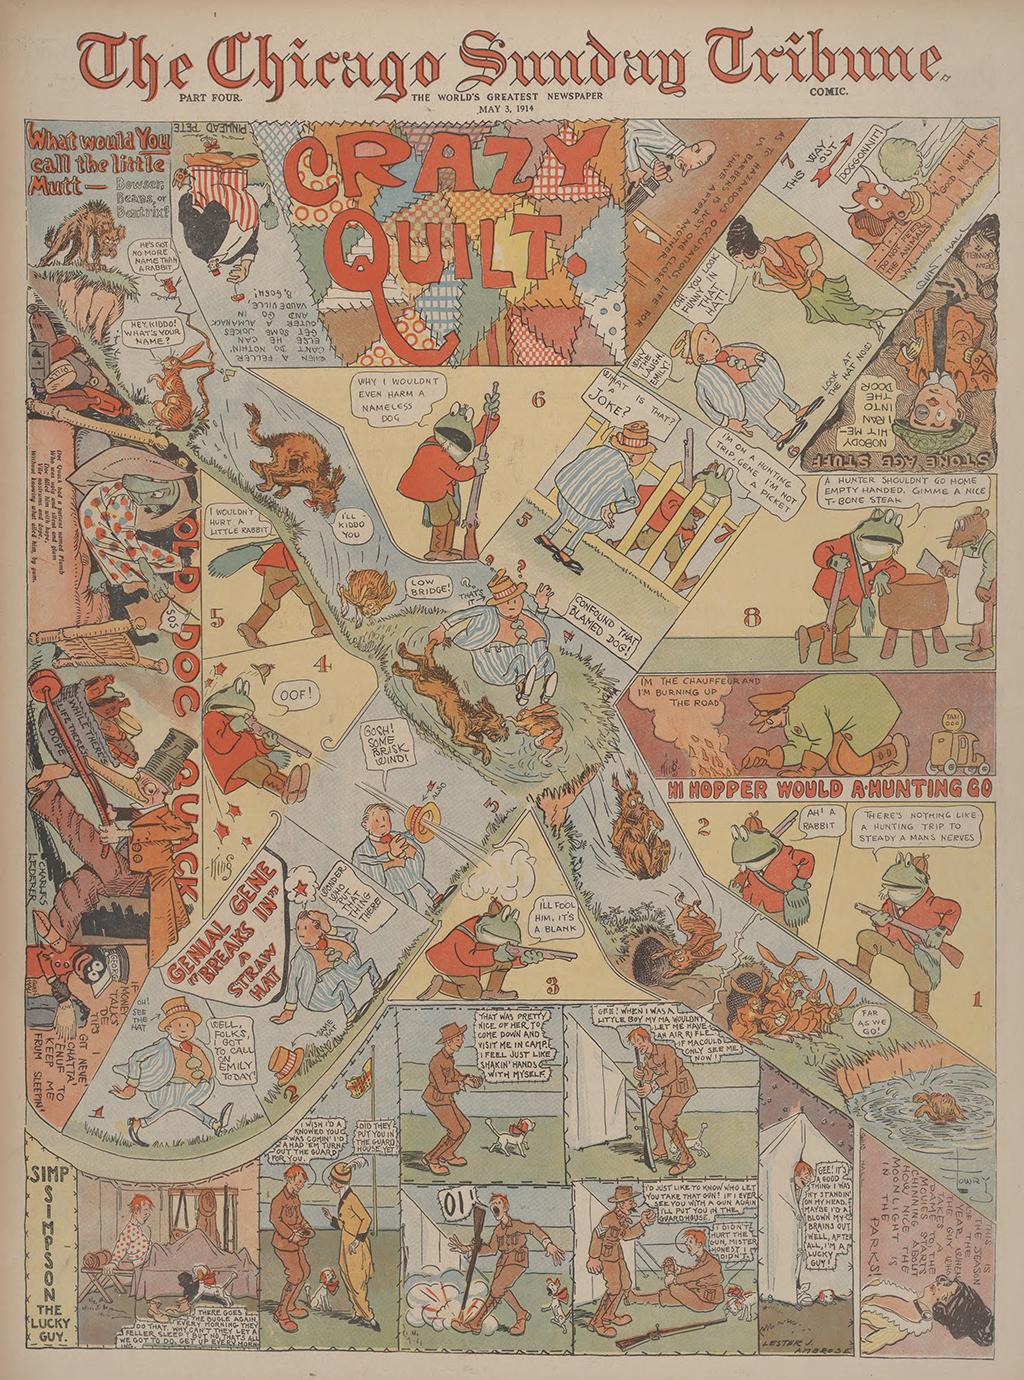 The Chicago Sunday Tribune comic Crazy Quilt